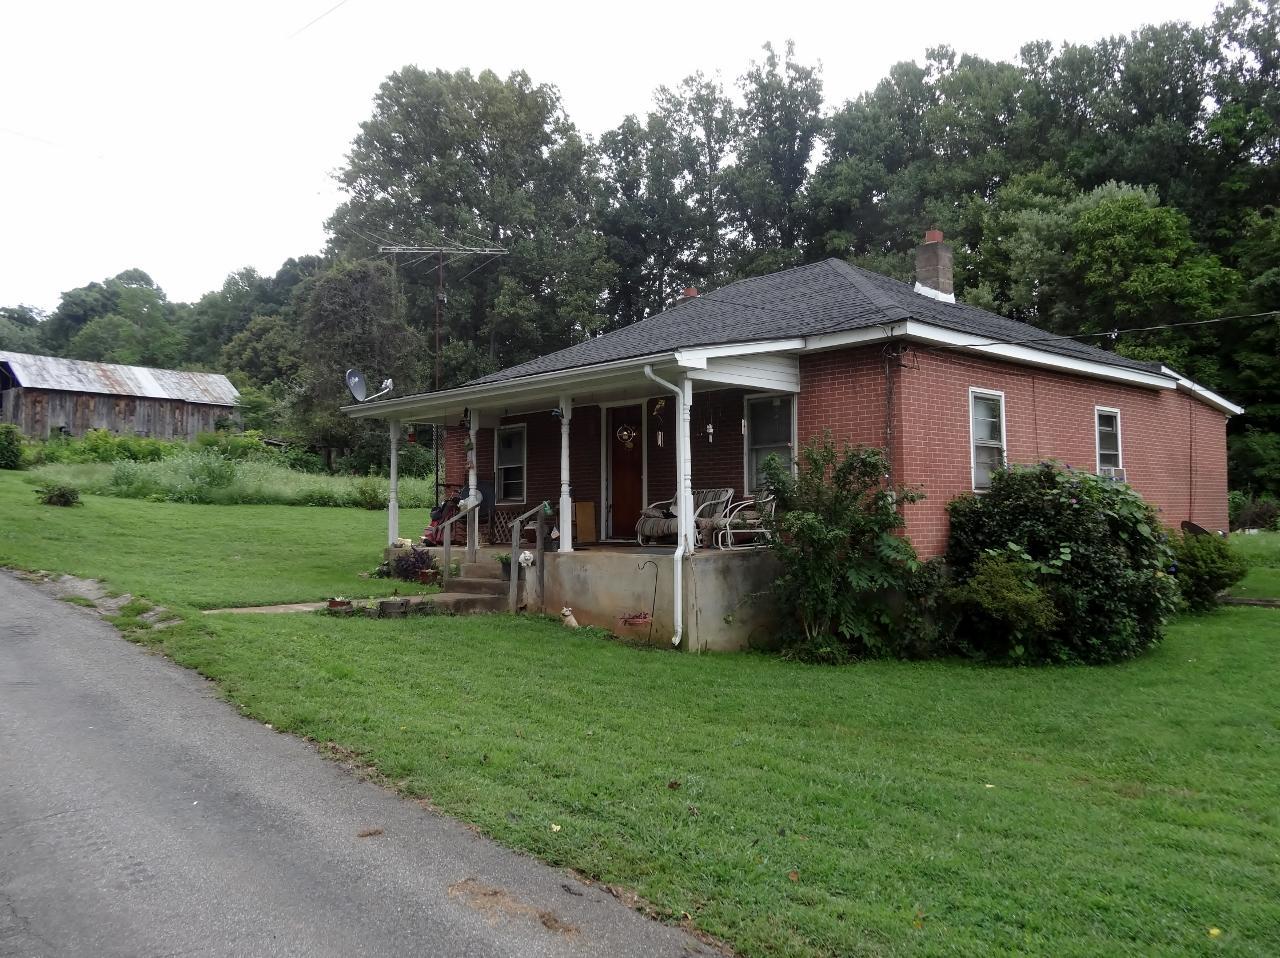 Photo of 42 Woodcott RD Ferrum VA 24088